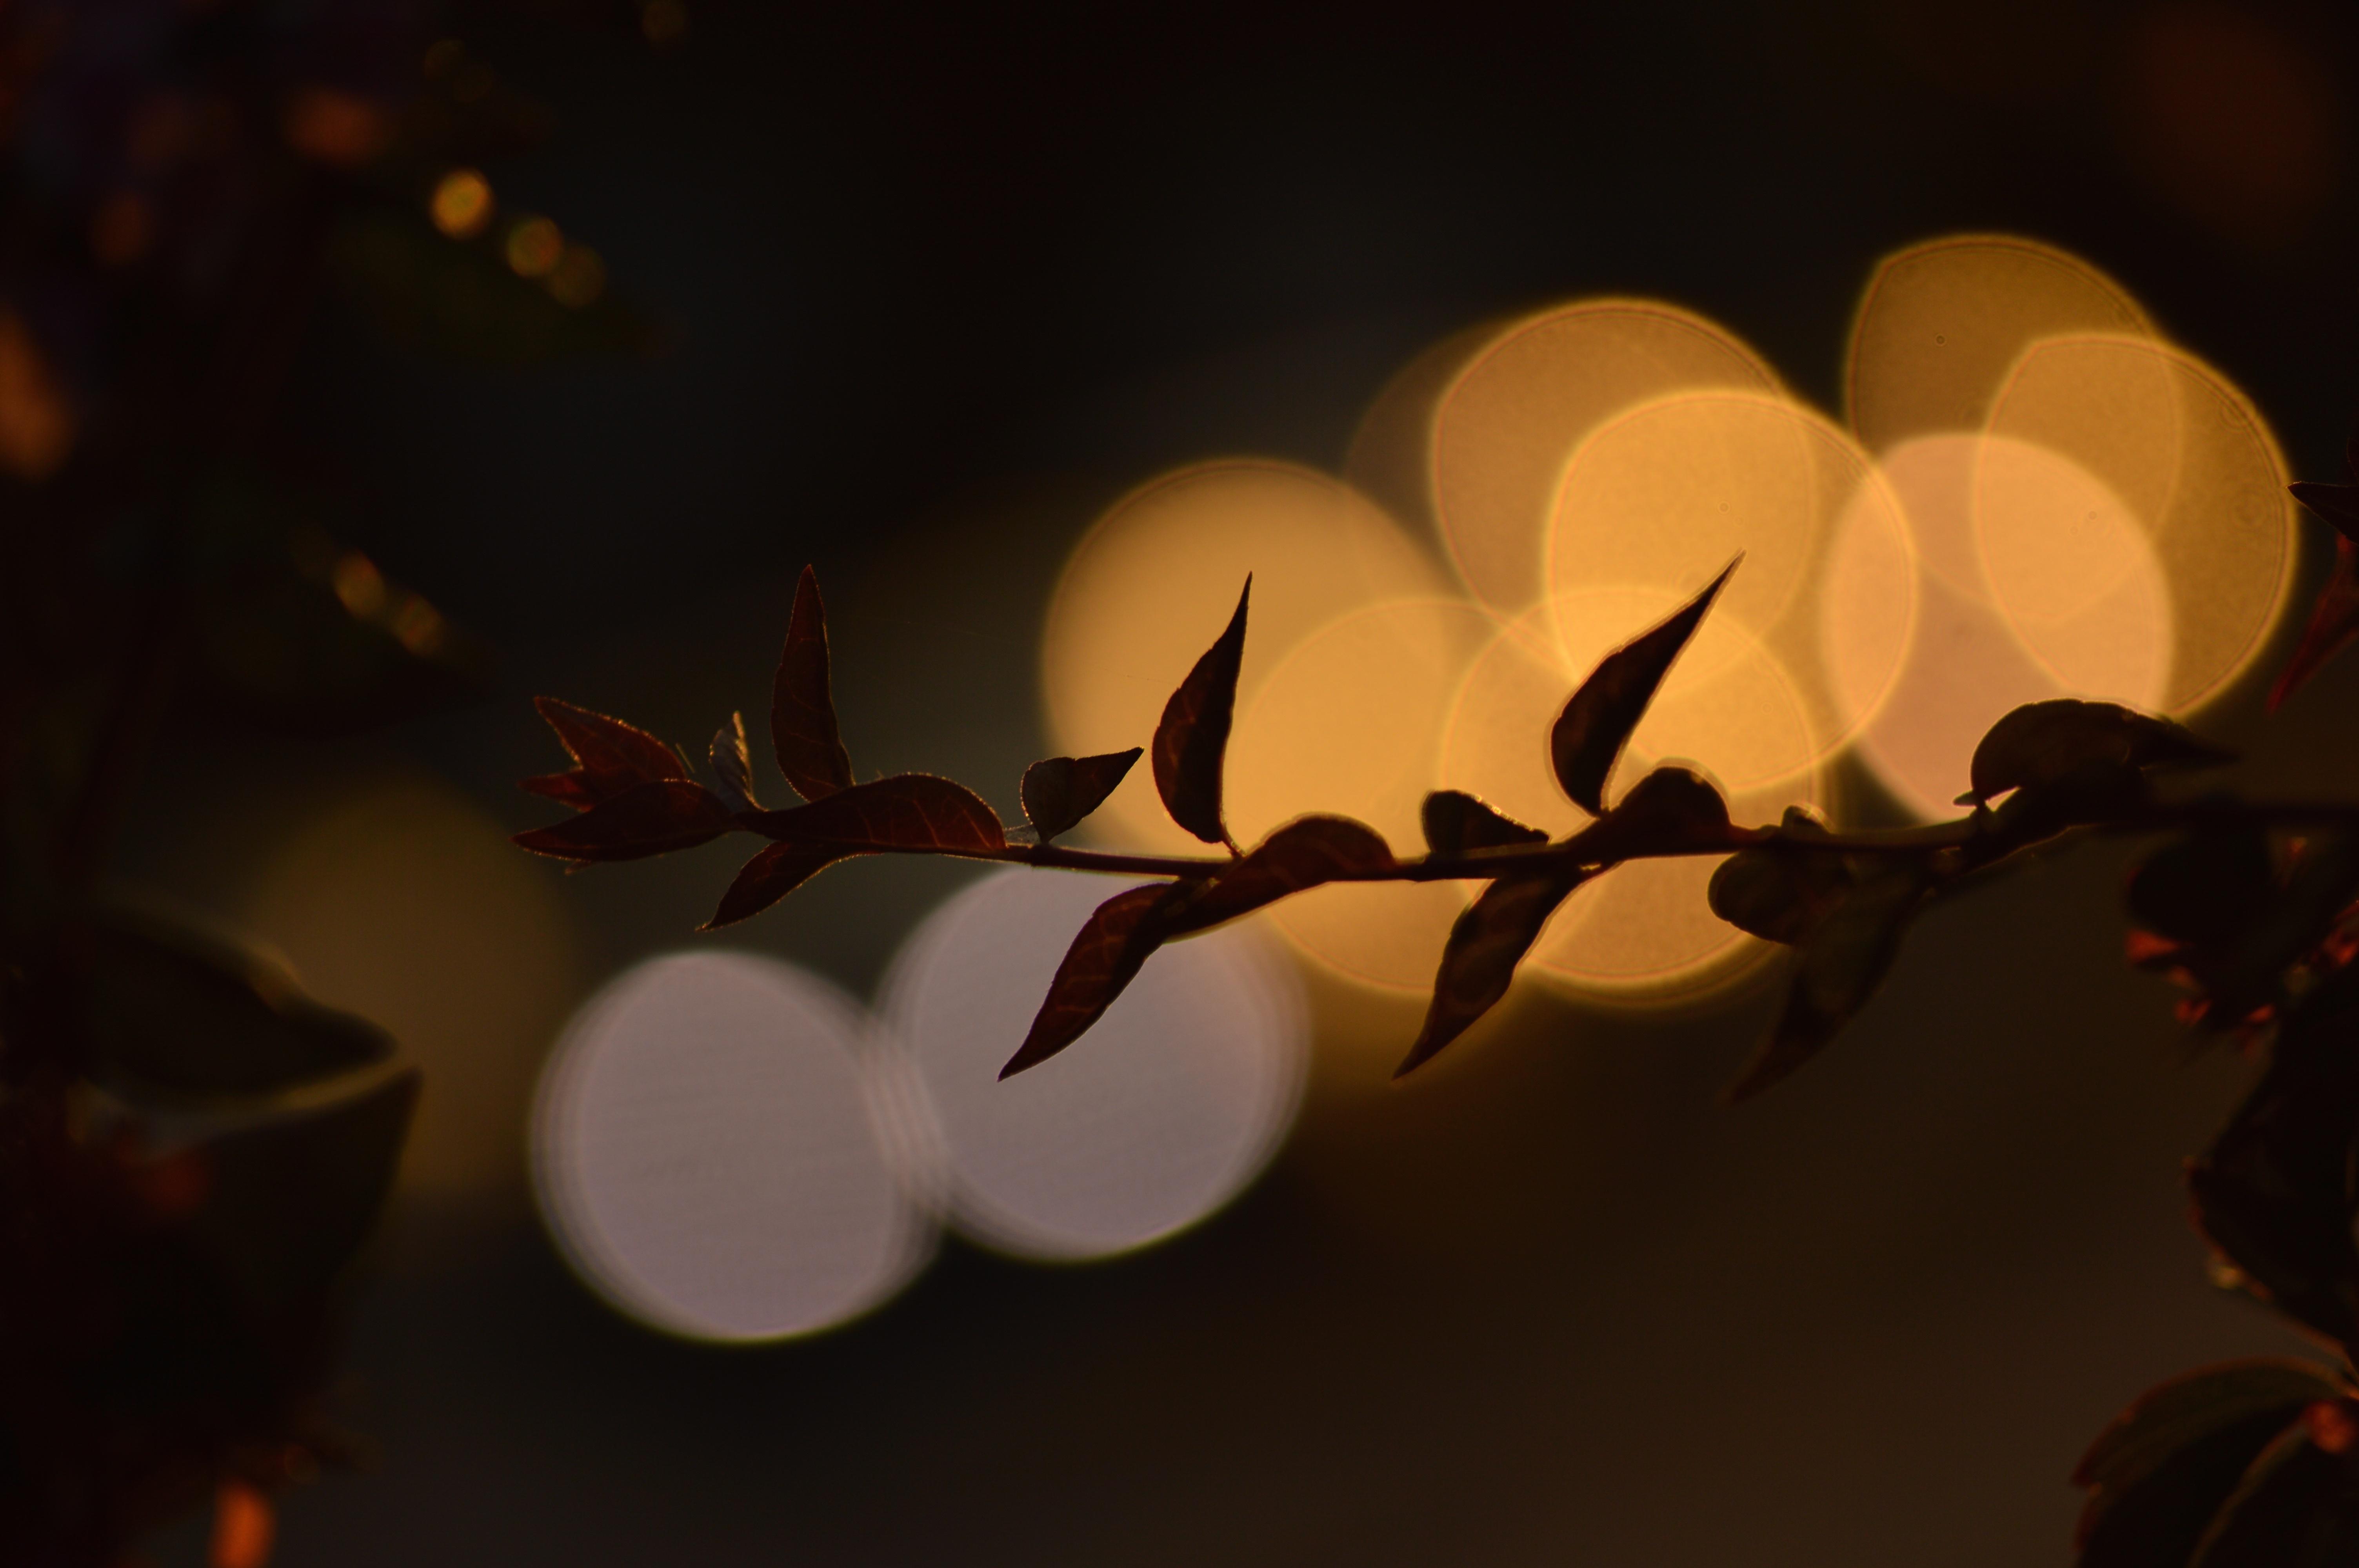 Beautiful Wallpaper Halloween Light - autumn-light-flower-fall-Halloween-nature-shadows-bokeh-pumpkins-nikond3200-oursecretgarden-1073128  Image_218299.jpg